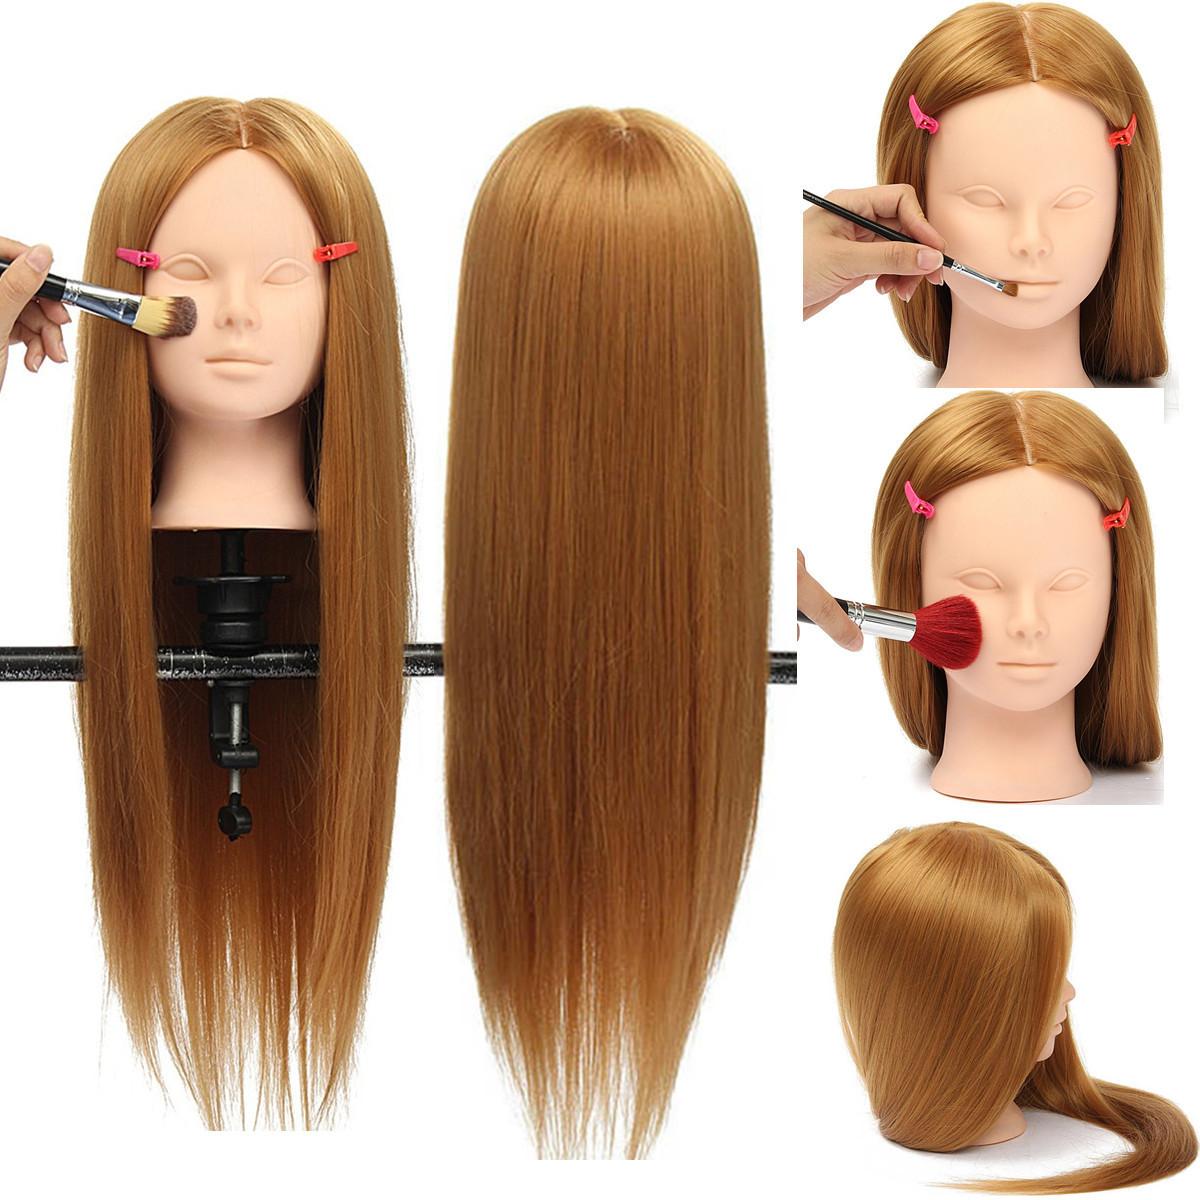 26 Длинный Волосы Тренировочный Манекен-Голова Модель ВолосыОформление Макияж Практика с держателем Зажим - 1TopShop